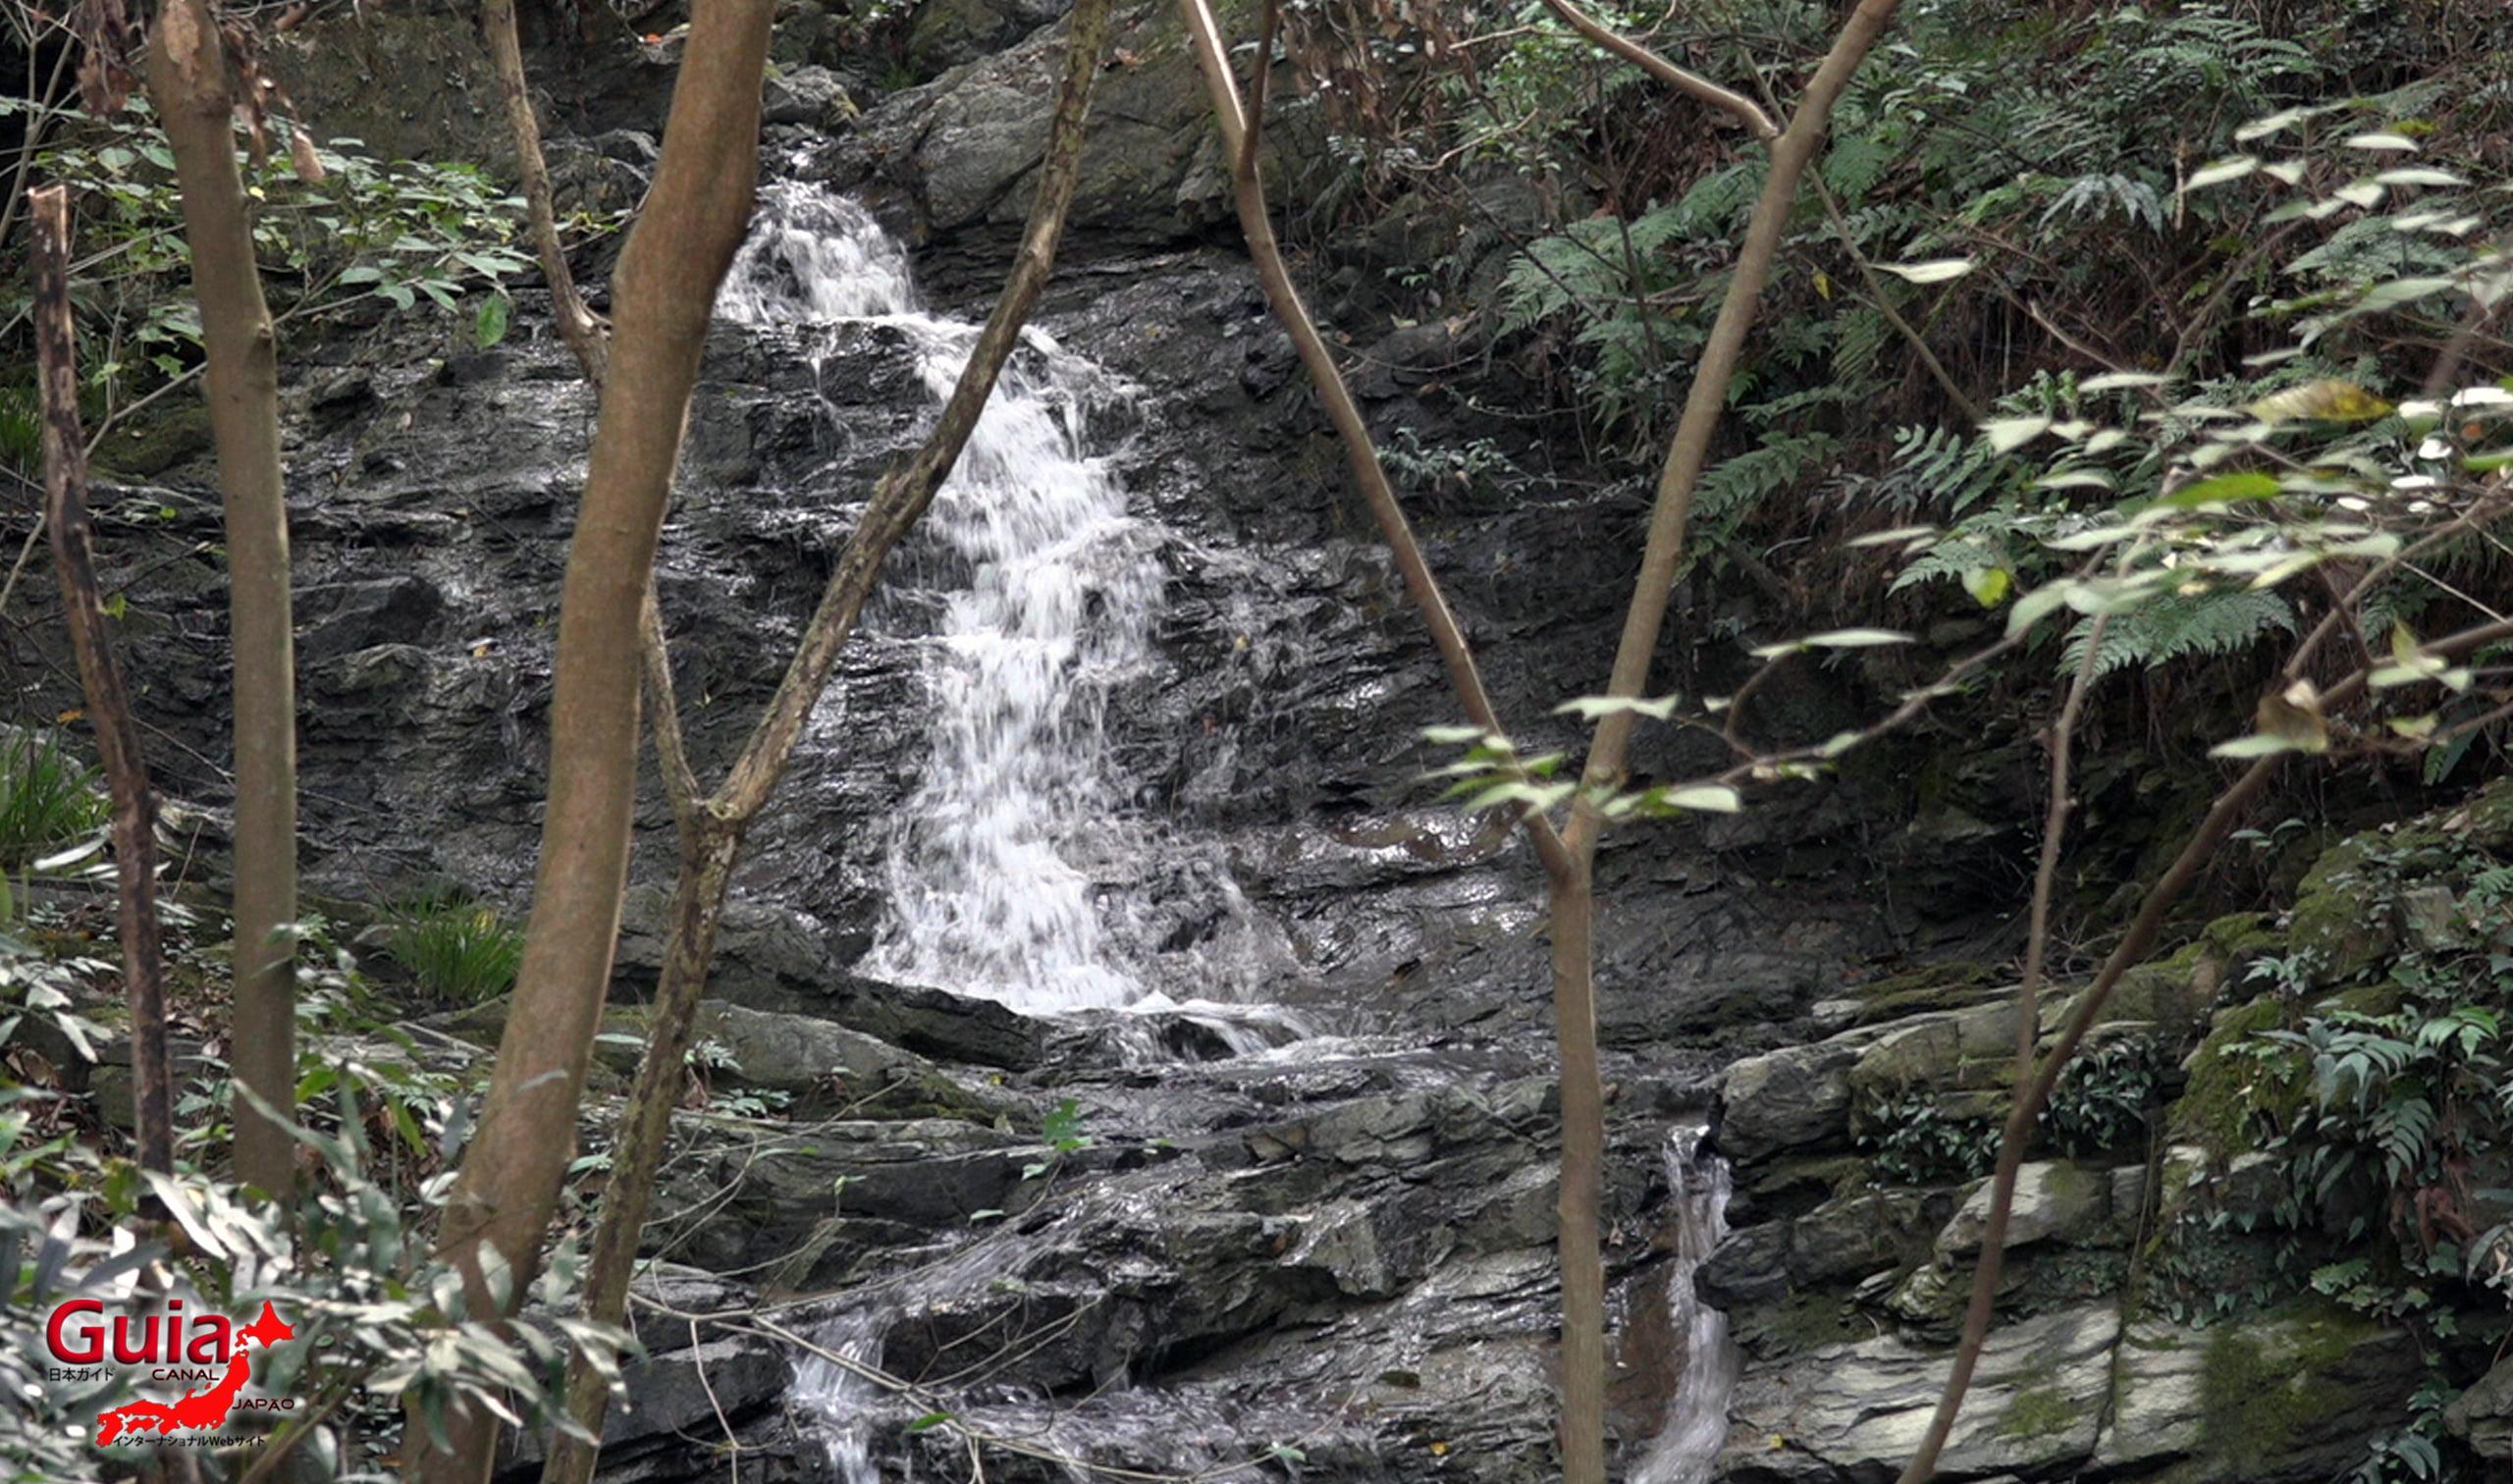 Ibumi waterfall in Gofudou Sama 3